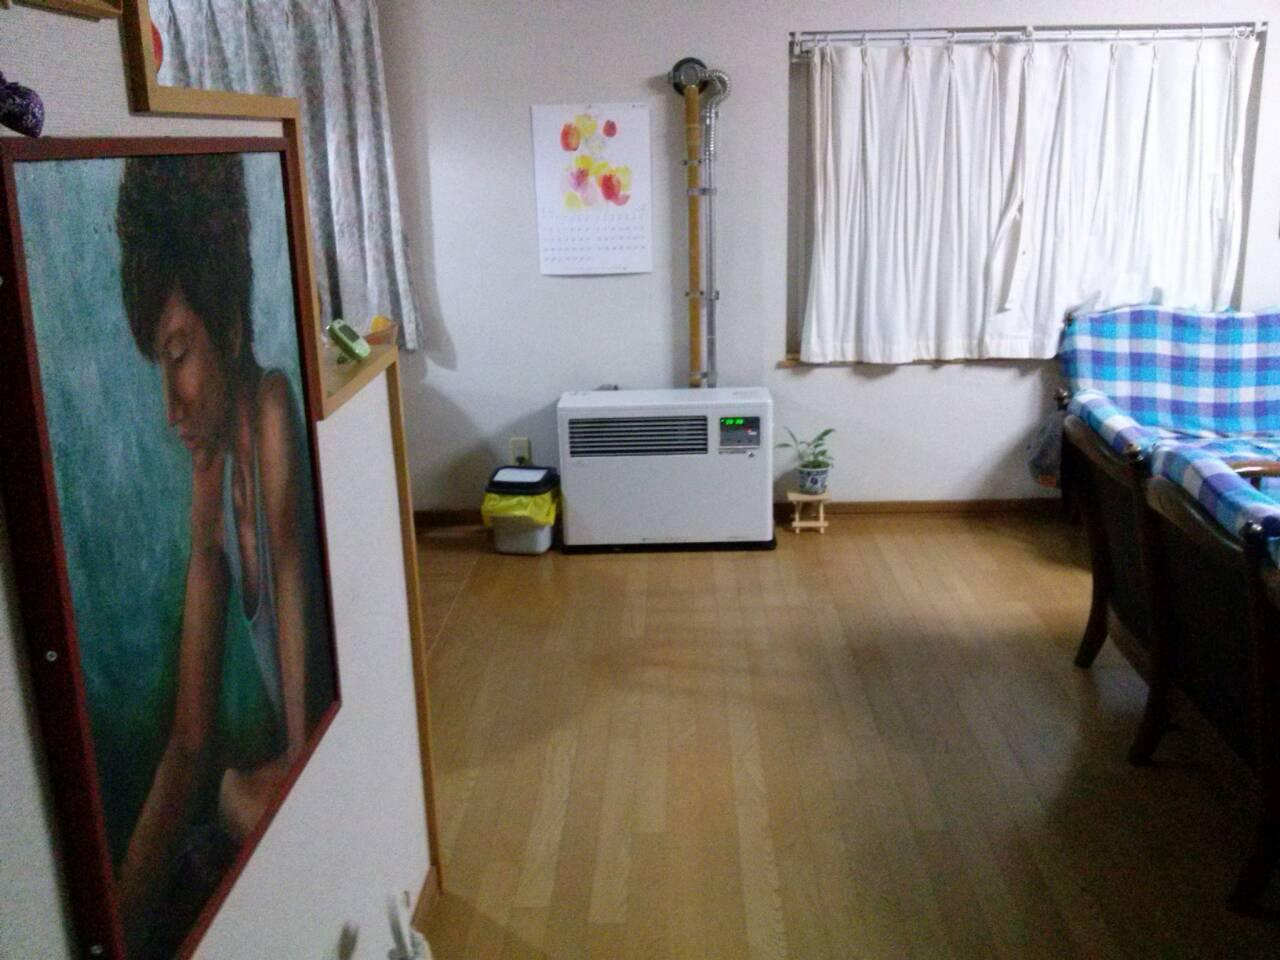 Lukisan Aki menyambut kami di depan pintu